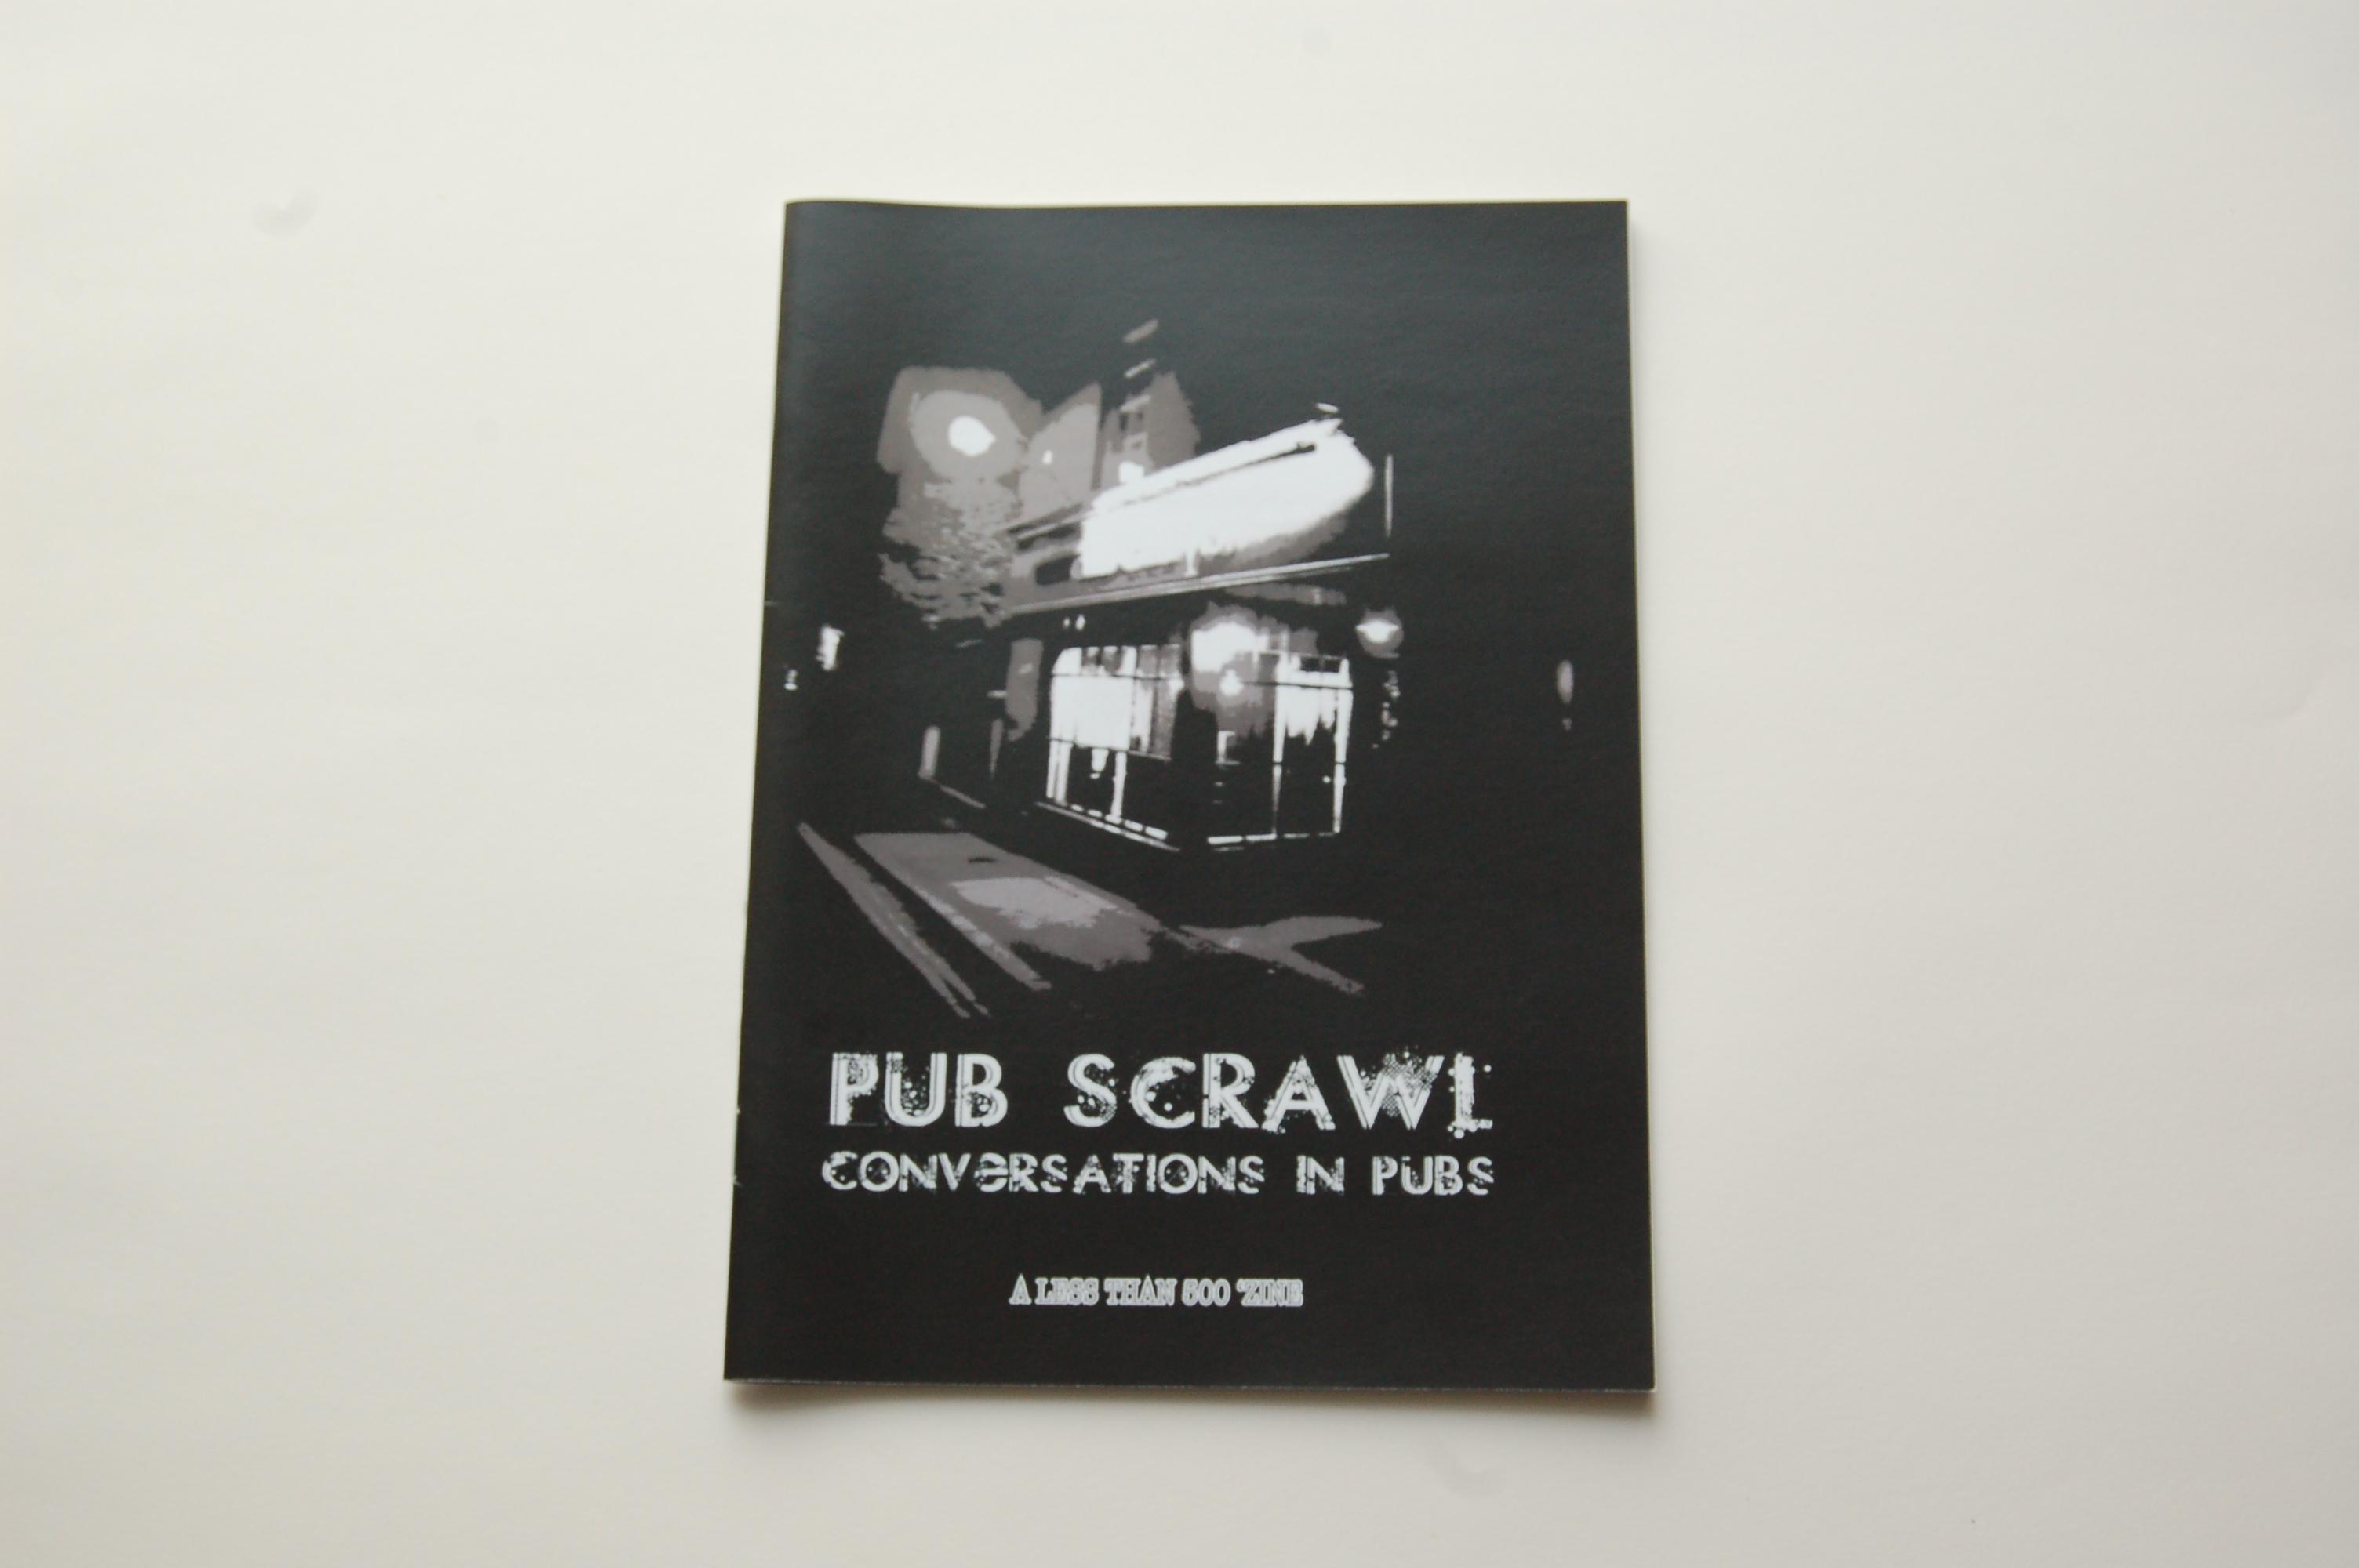 Pub Scrawl